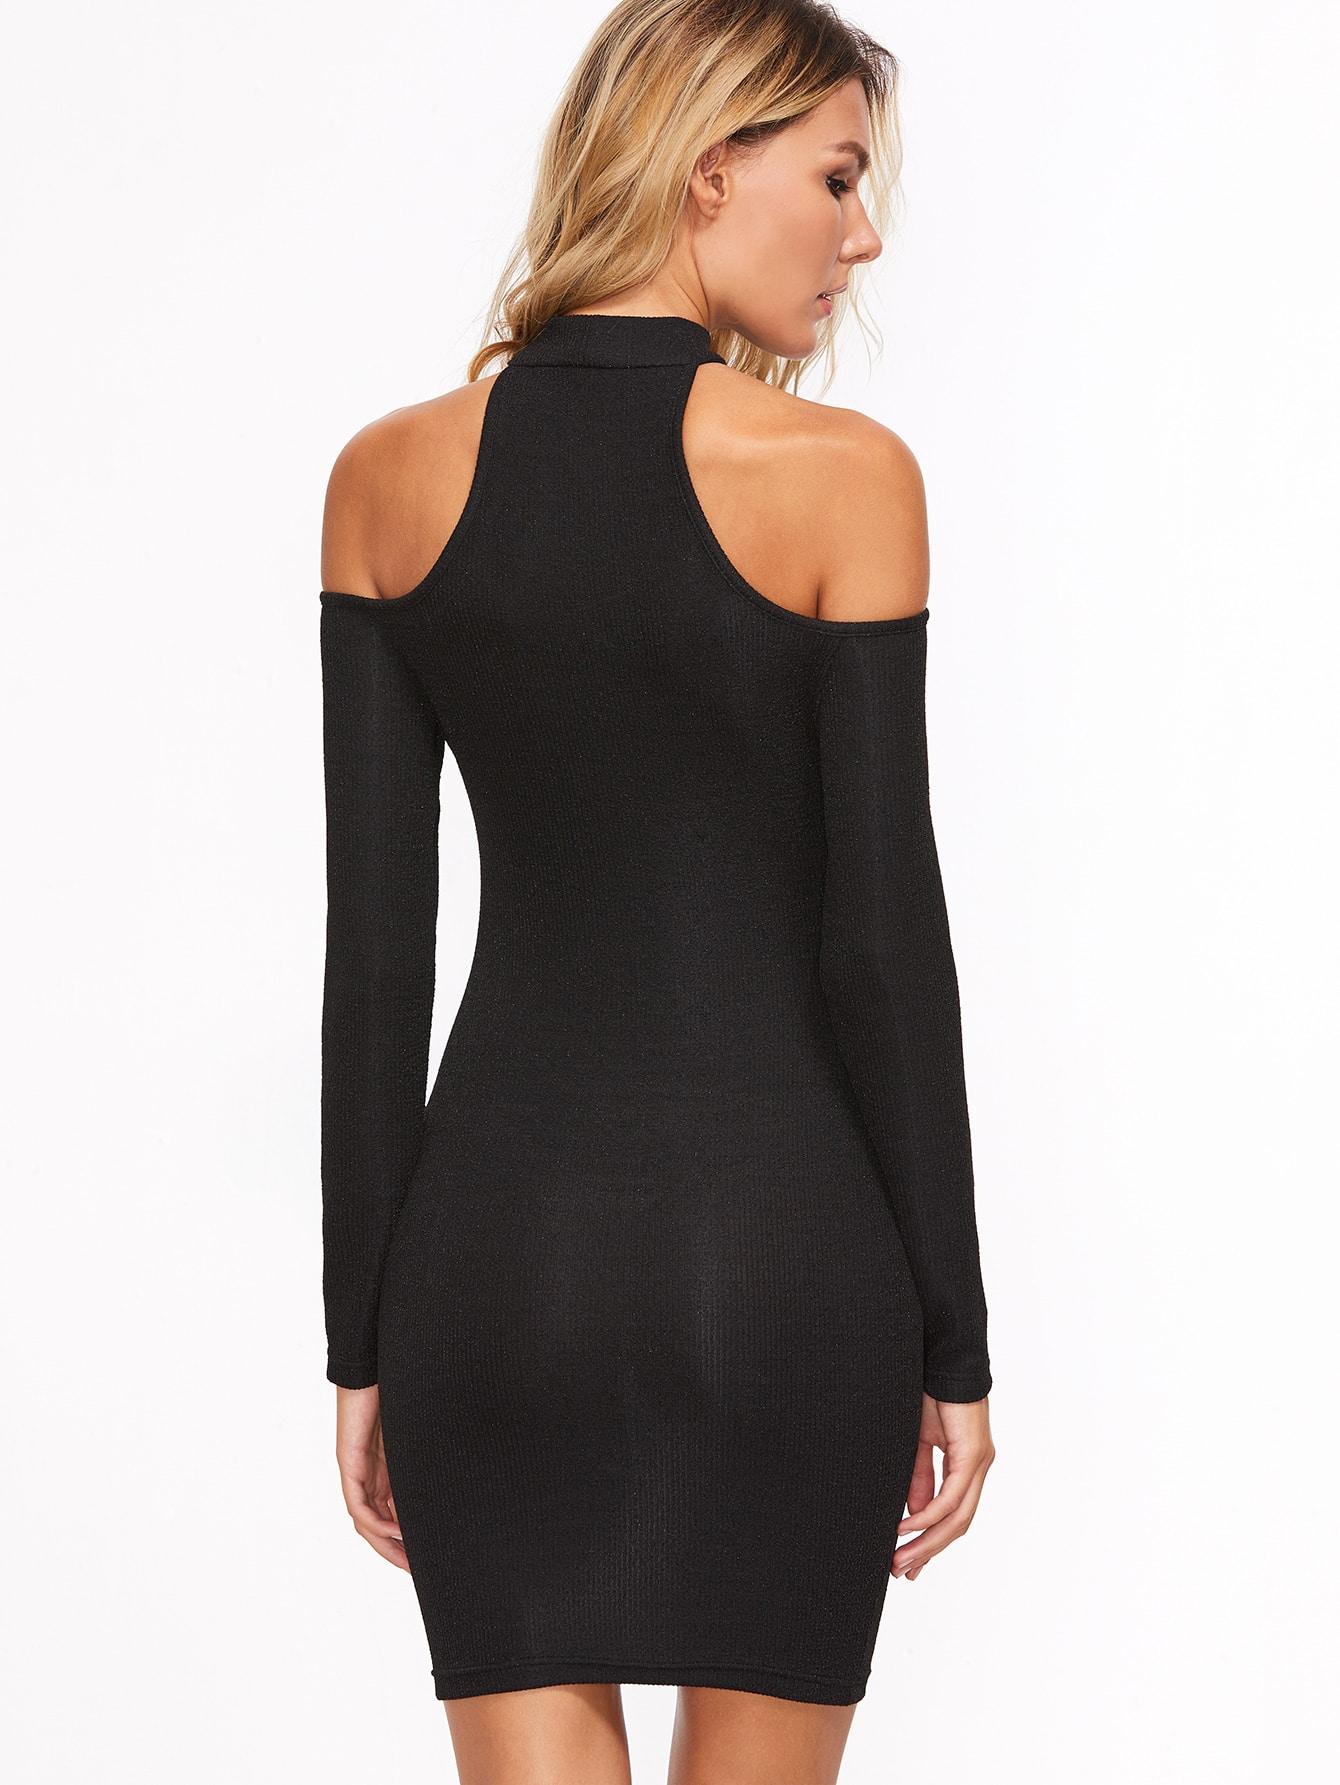 dress161019717_2